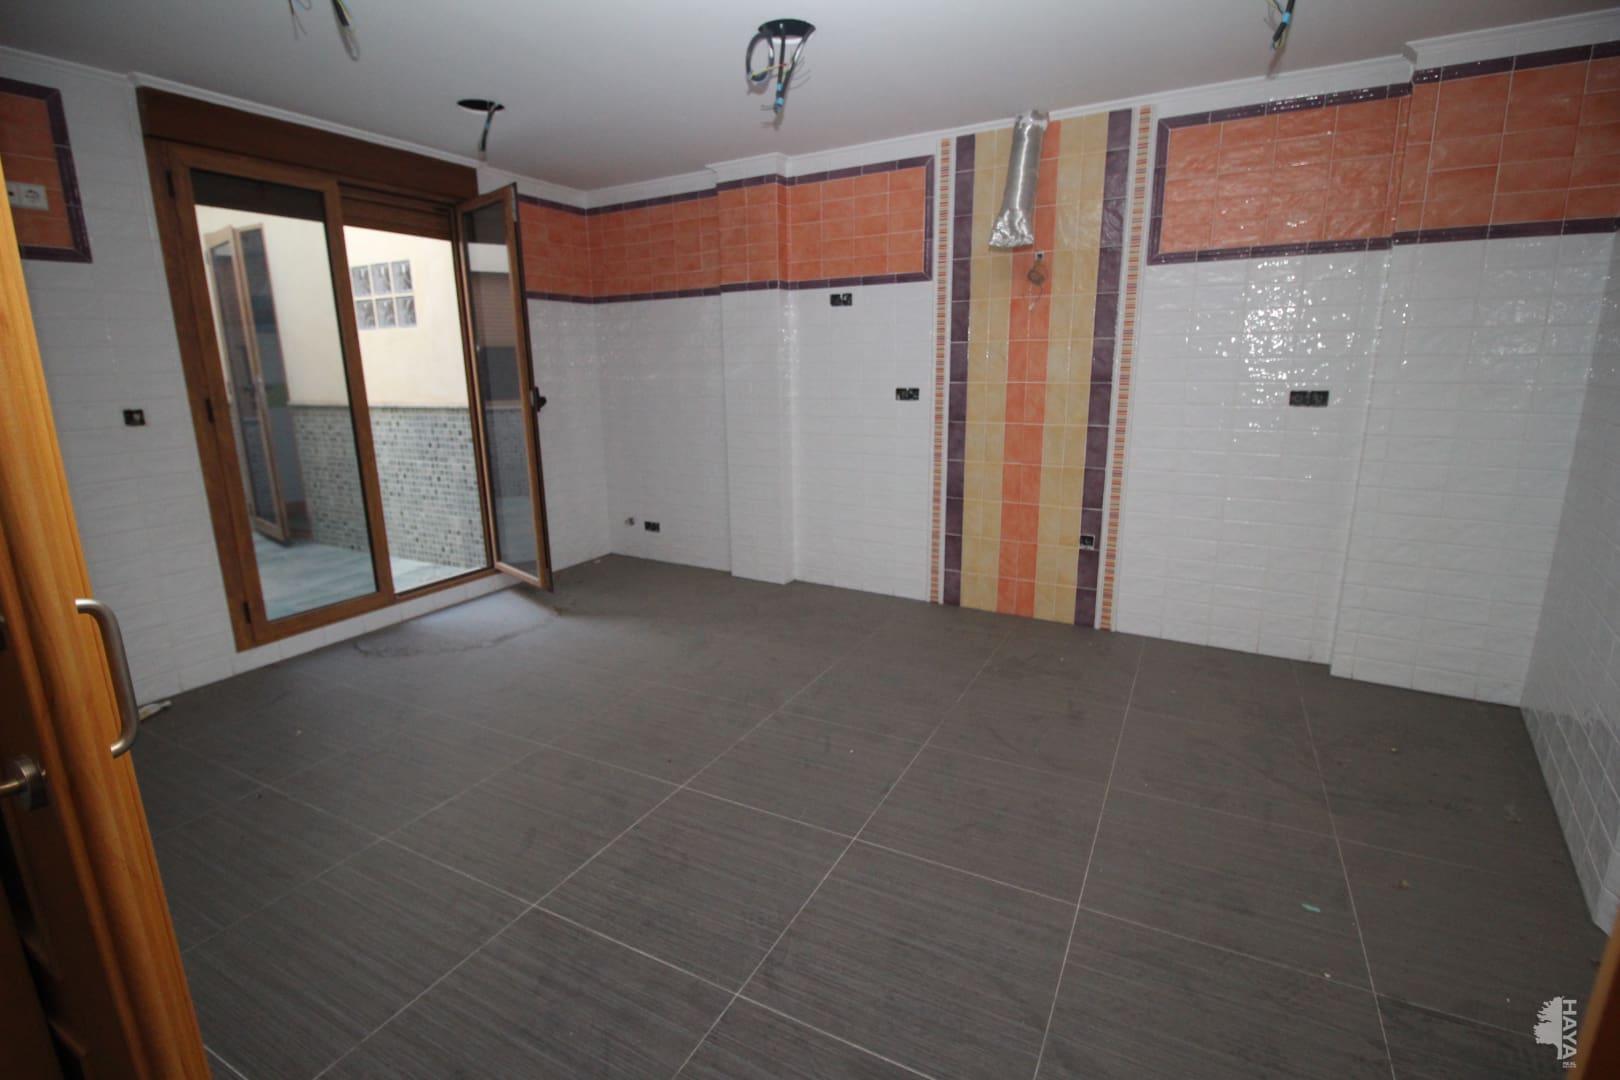 Casa en venta en Casa en Jumilla, Murcia, 152.139 €, 4 habitaciones, 2 baños, 296 m2, Garaje